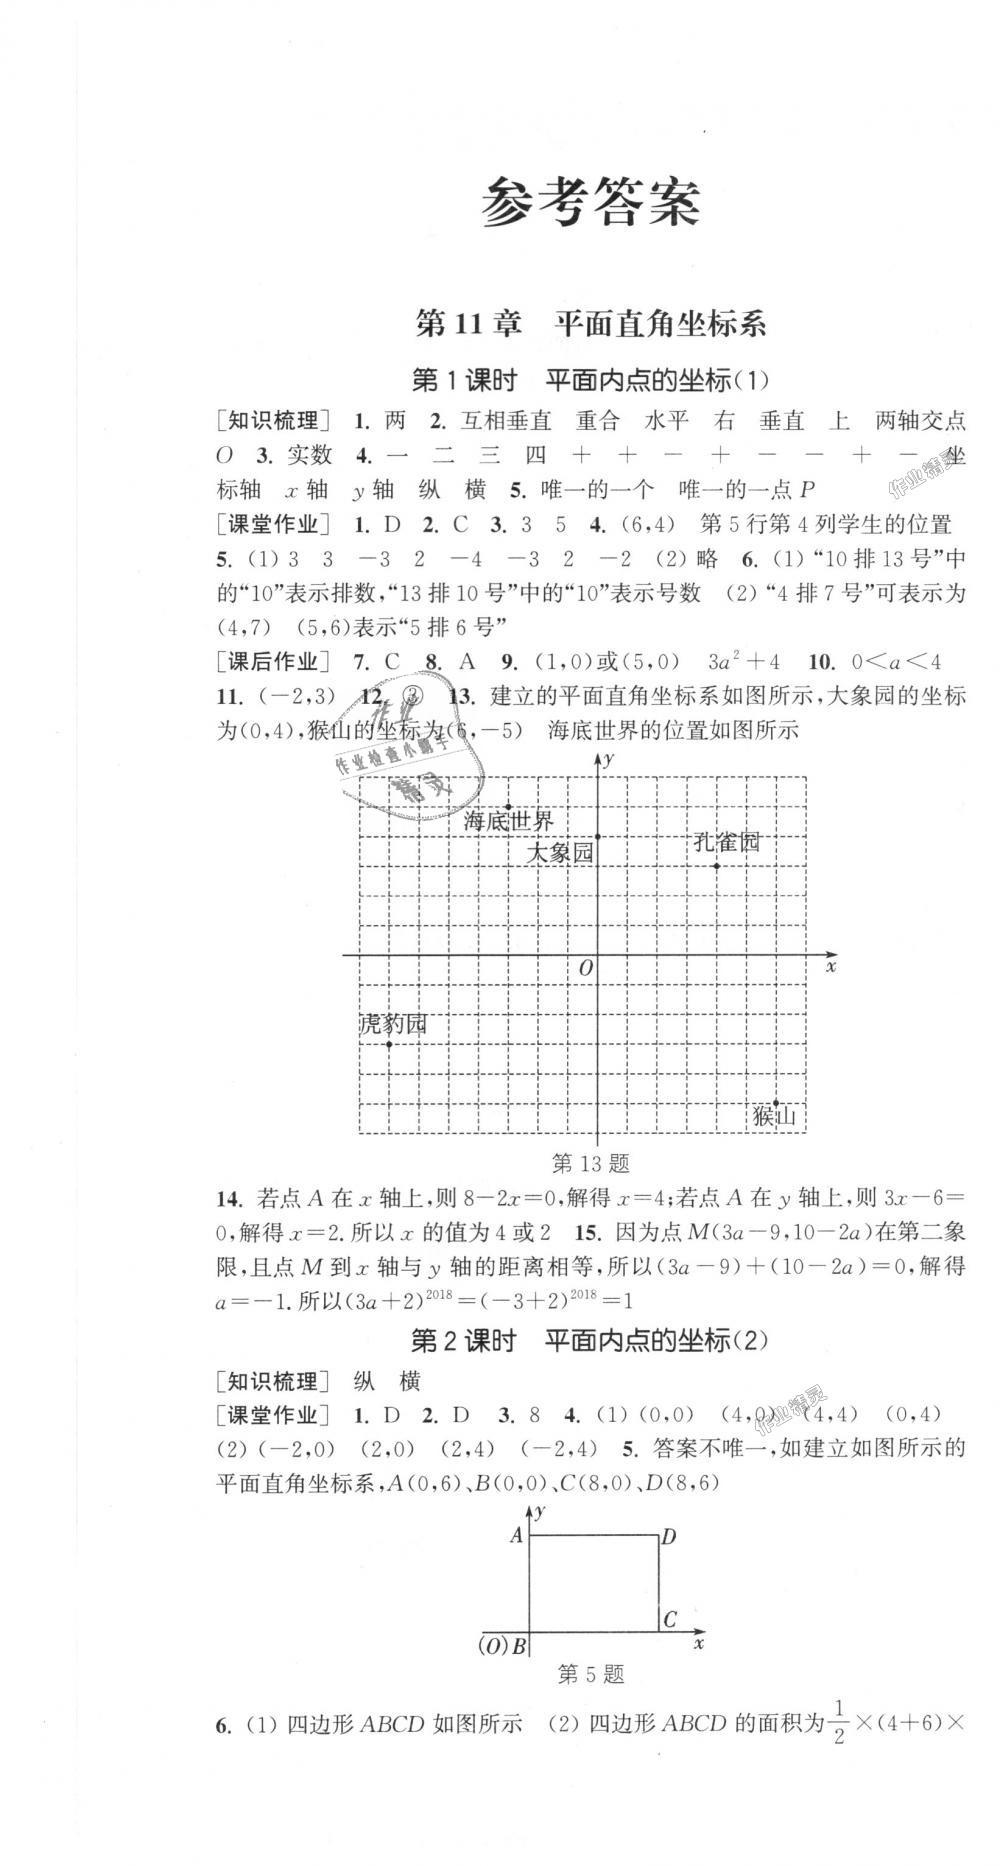 2018年通城学典课时作业本八年级数学上册沪科版第1页